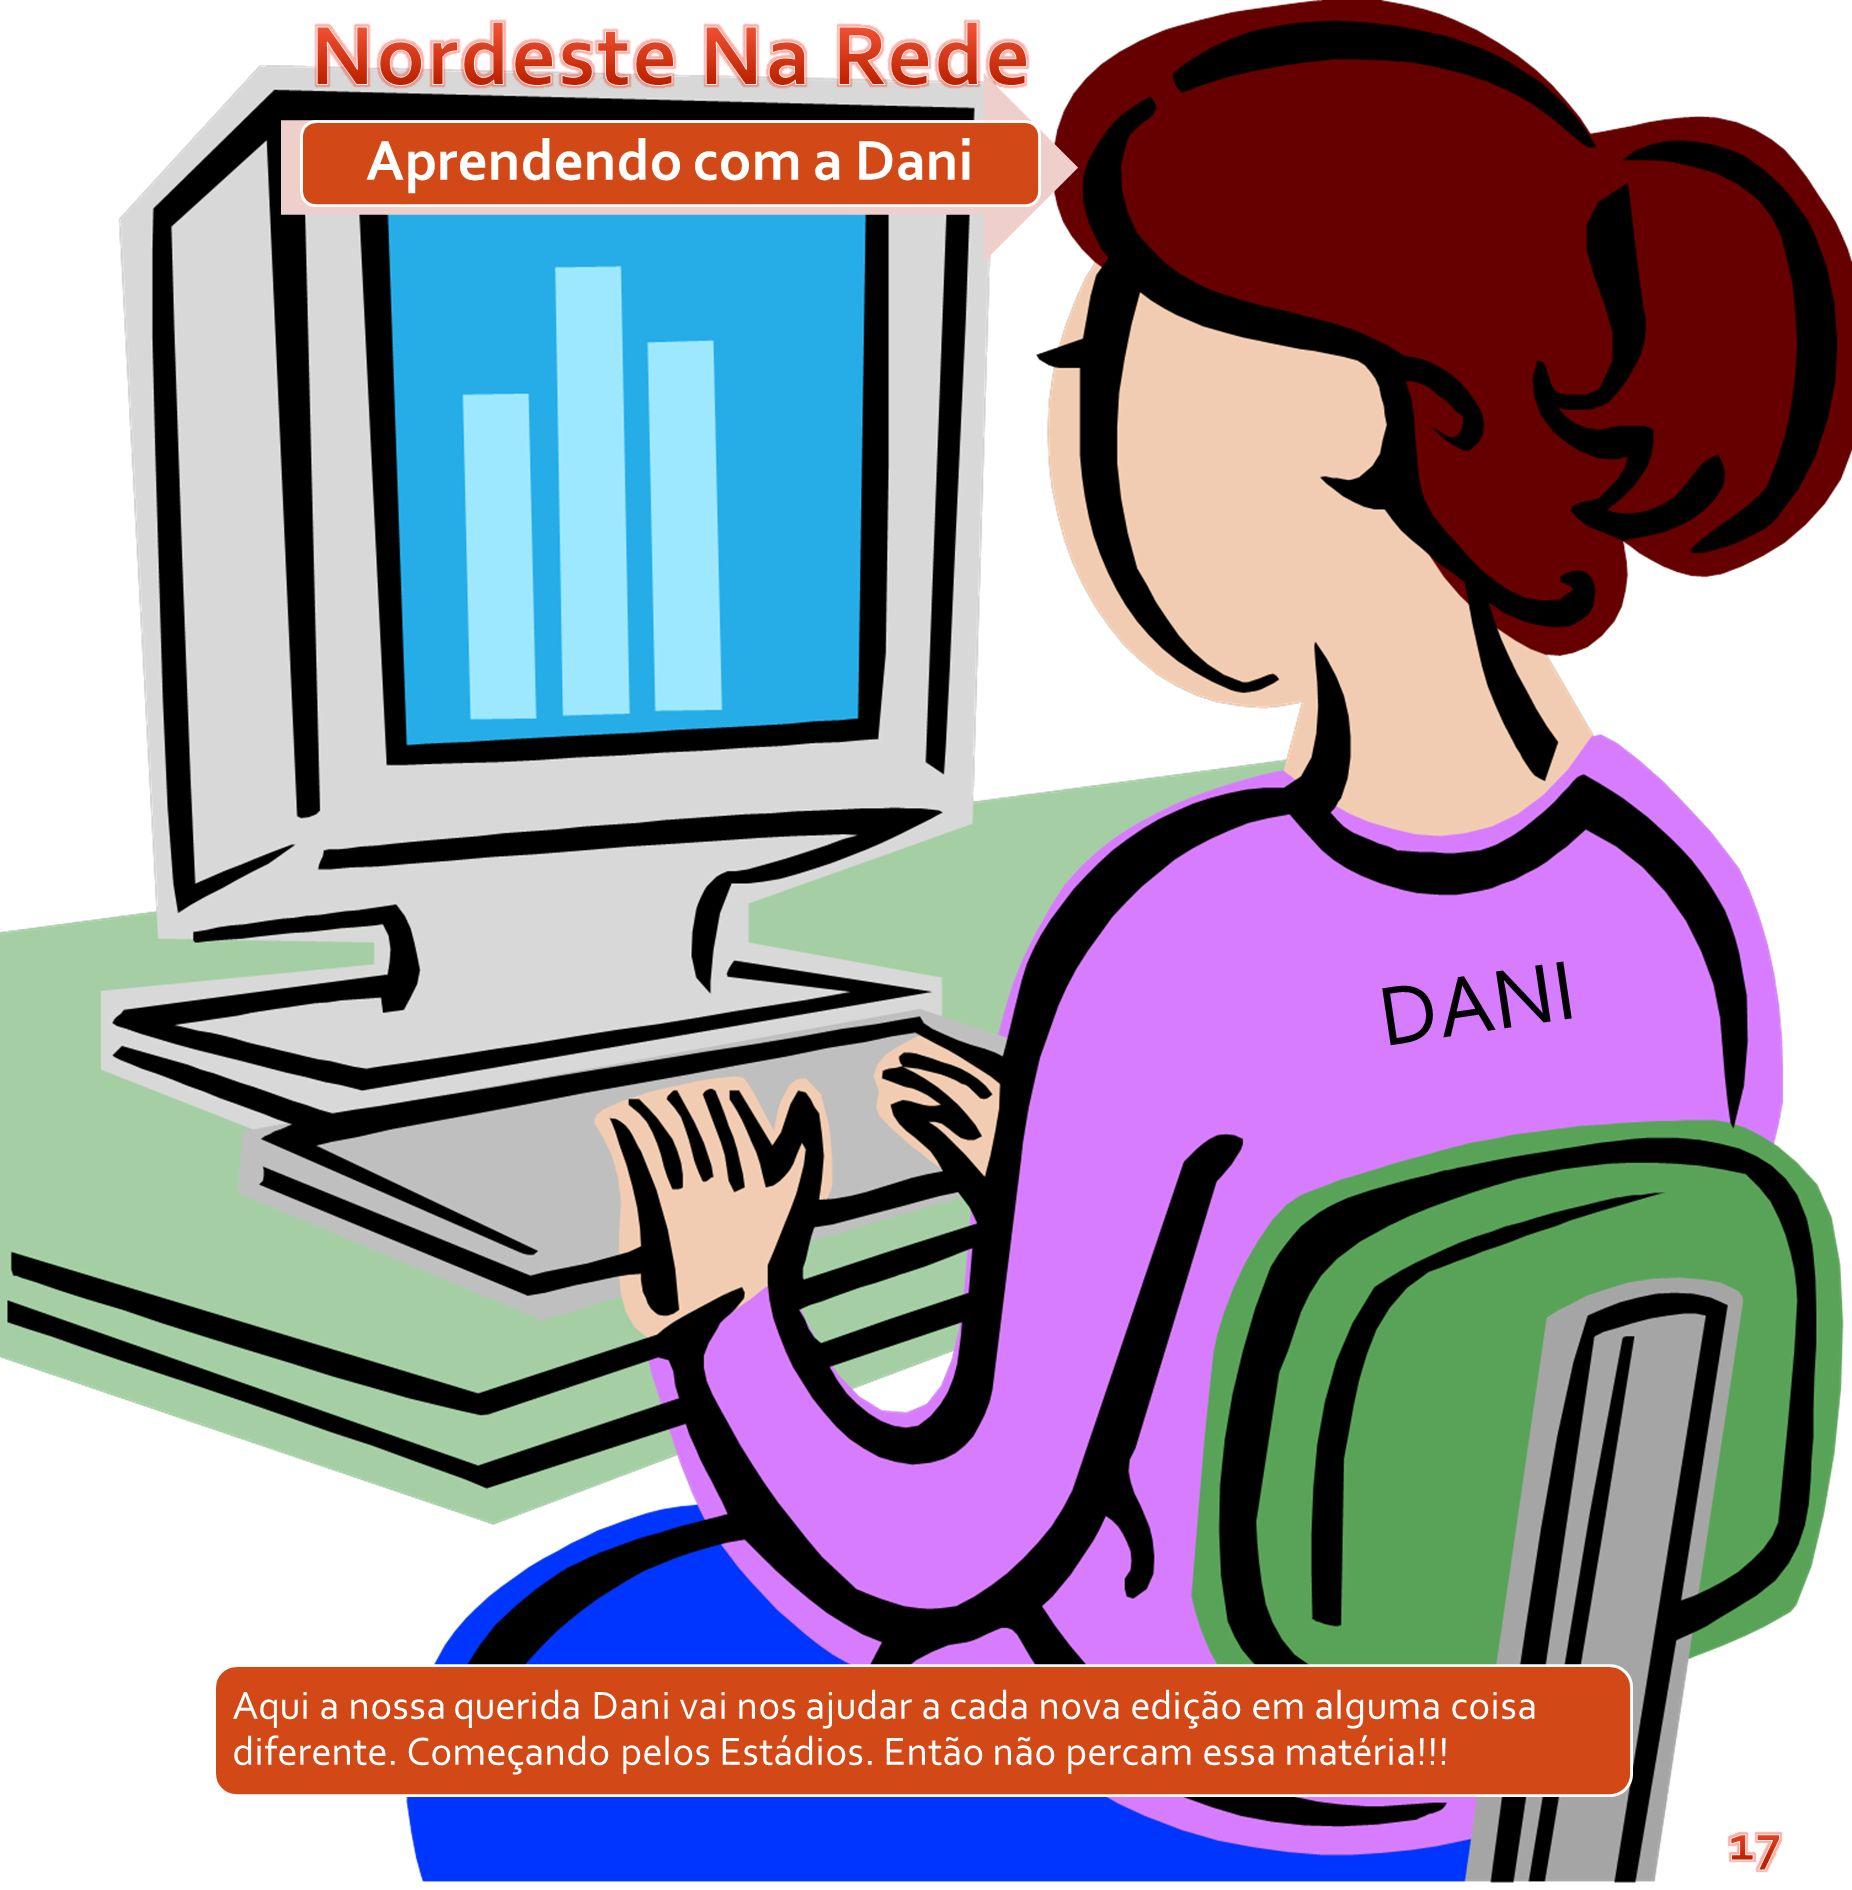 Aprendendo com a Dani DANI Aqui a nossa querida Dani vai nos ajudar a cada nova edição em alguma coisa diferente. Começando pelos Estádios. Então não